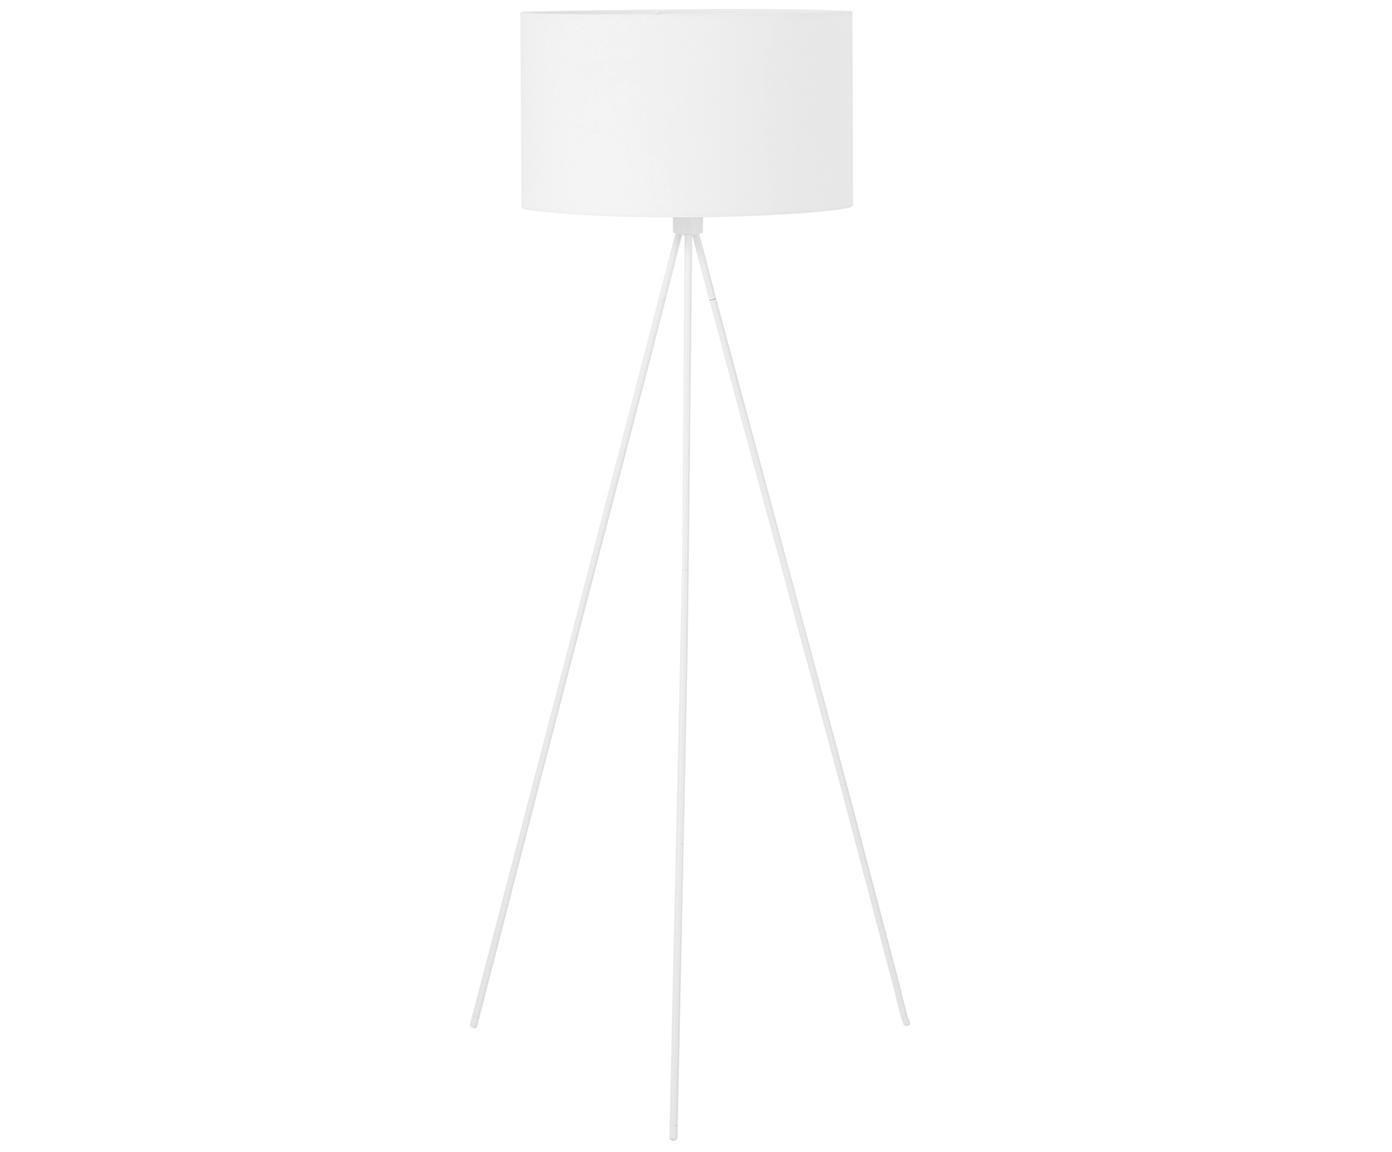 Stehlampe Cella, Lampenfuß: Metall, pulverbeschichtet, Lampenschirm: Baumwollgemisch, Weiß, ∅ 48 x H 158 cm